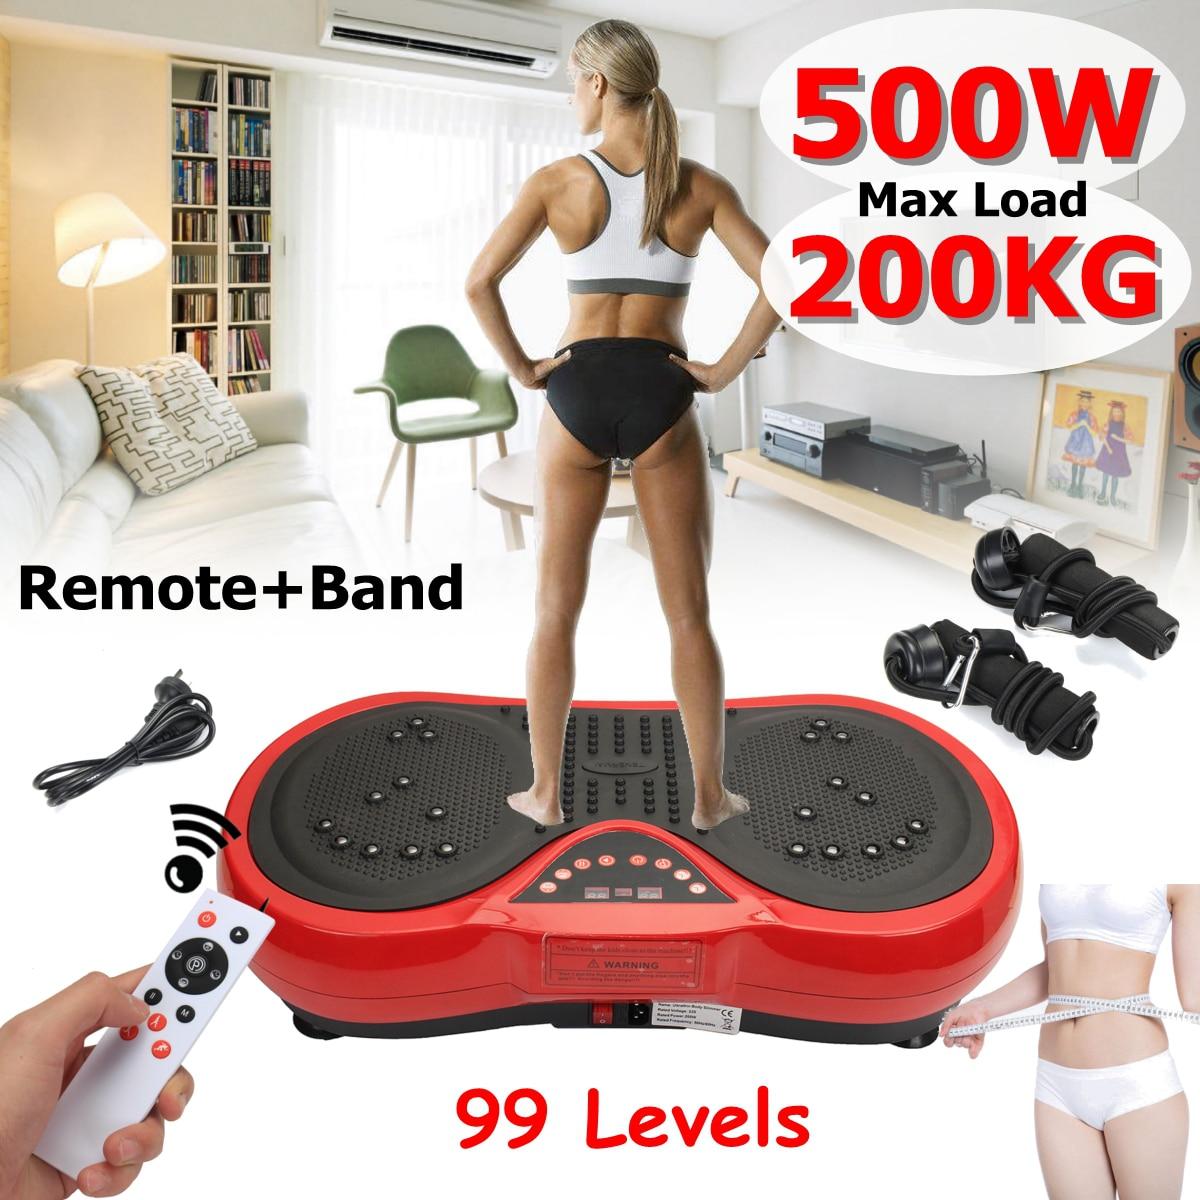 Ejercicio Fitness delgada vibración máquina entrenador placa plataforma cuerpo moldeador con bandas de resistencia para el hogar + control Remoto + banda